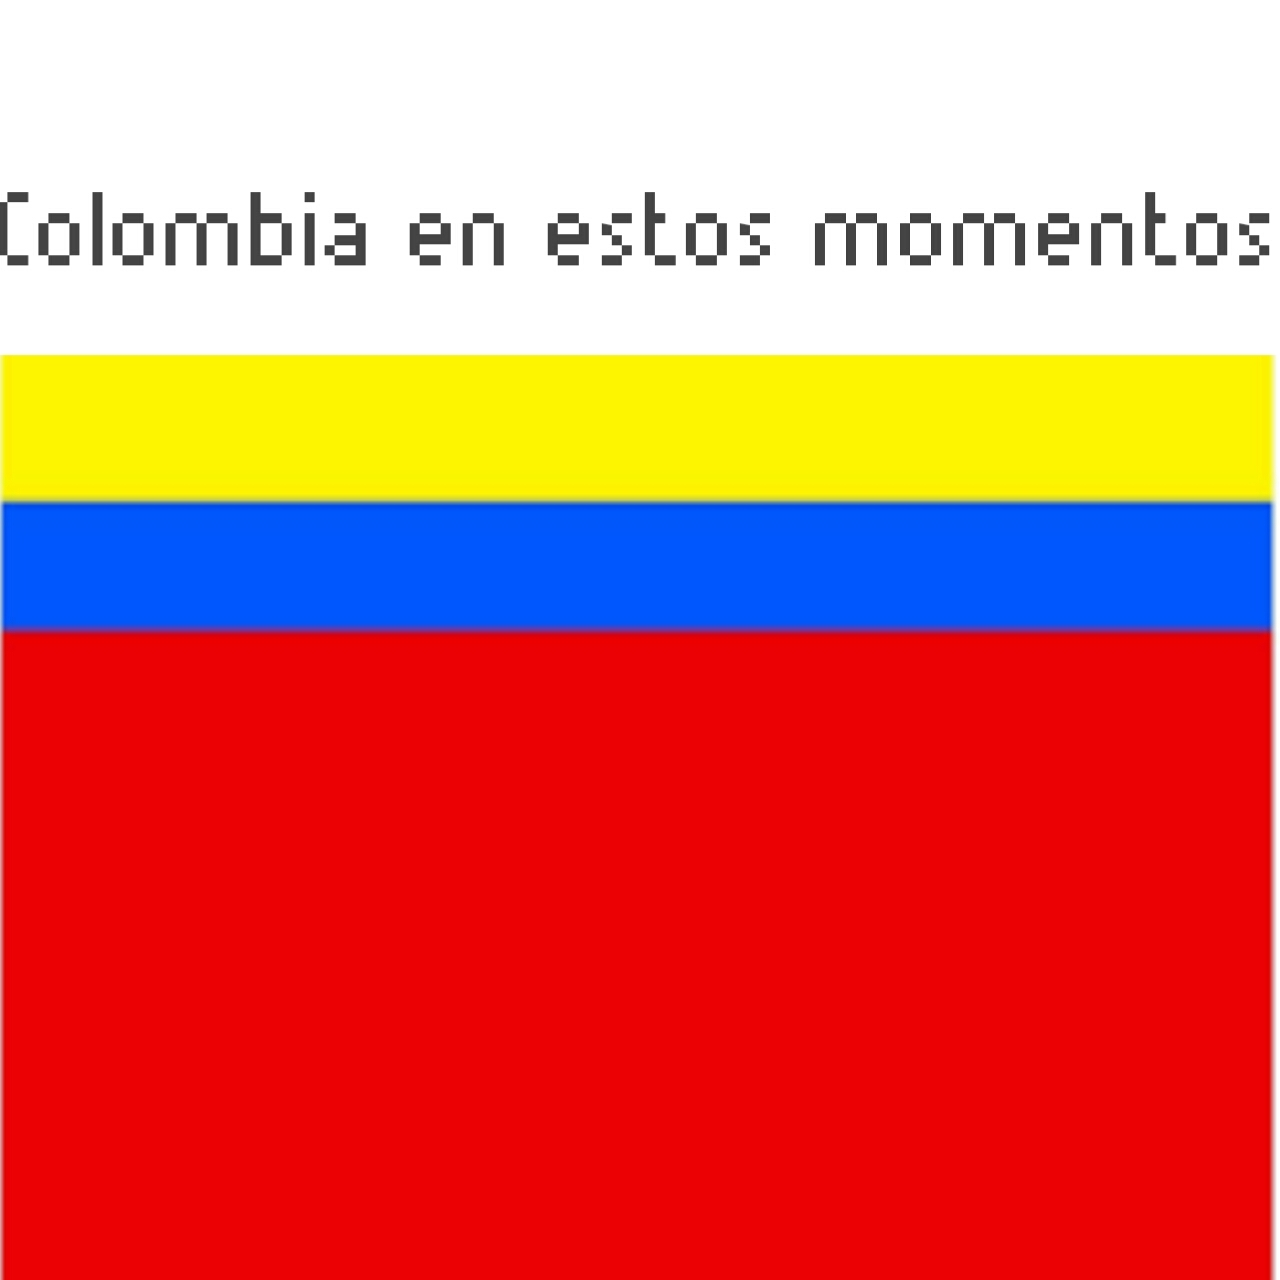 Contexto: el amarillo es riqueza, el azul es el agua y el rojo es la sangre derramada - meme